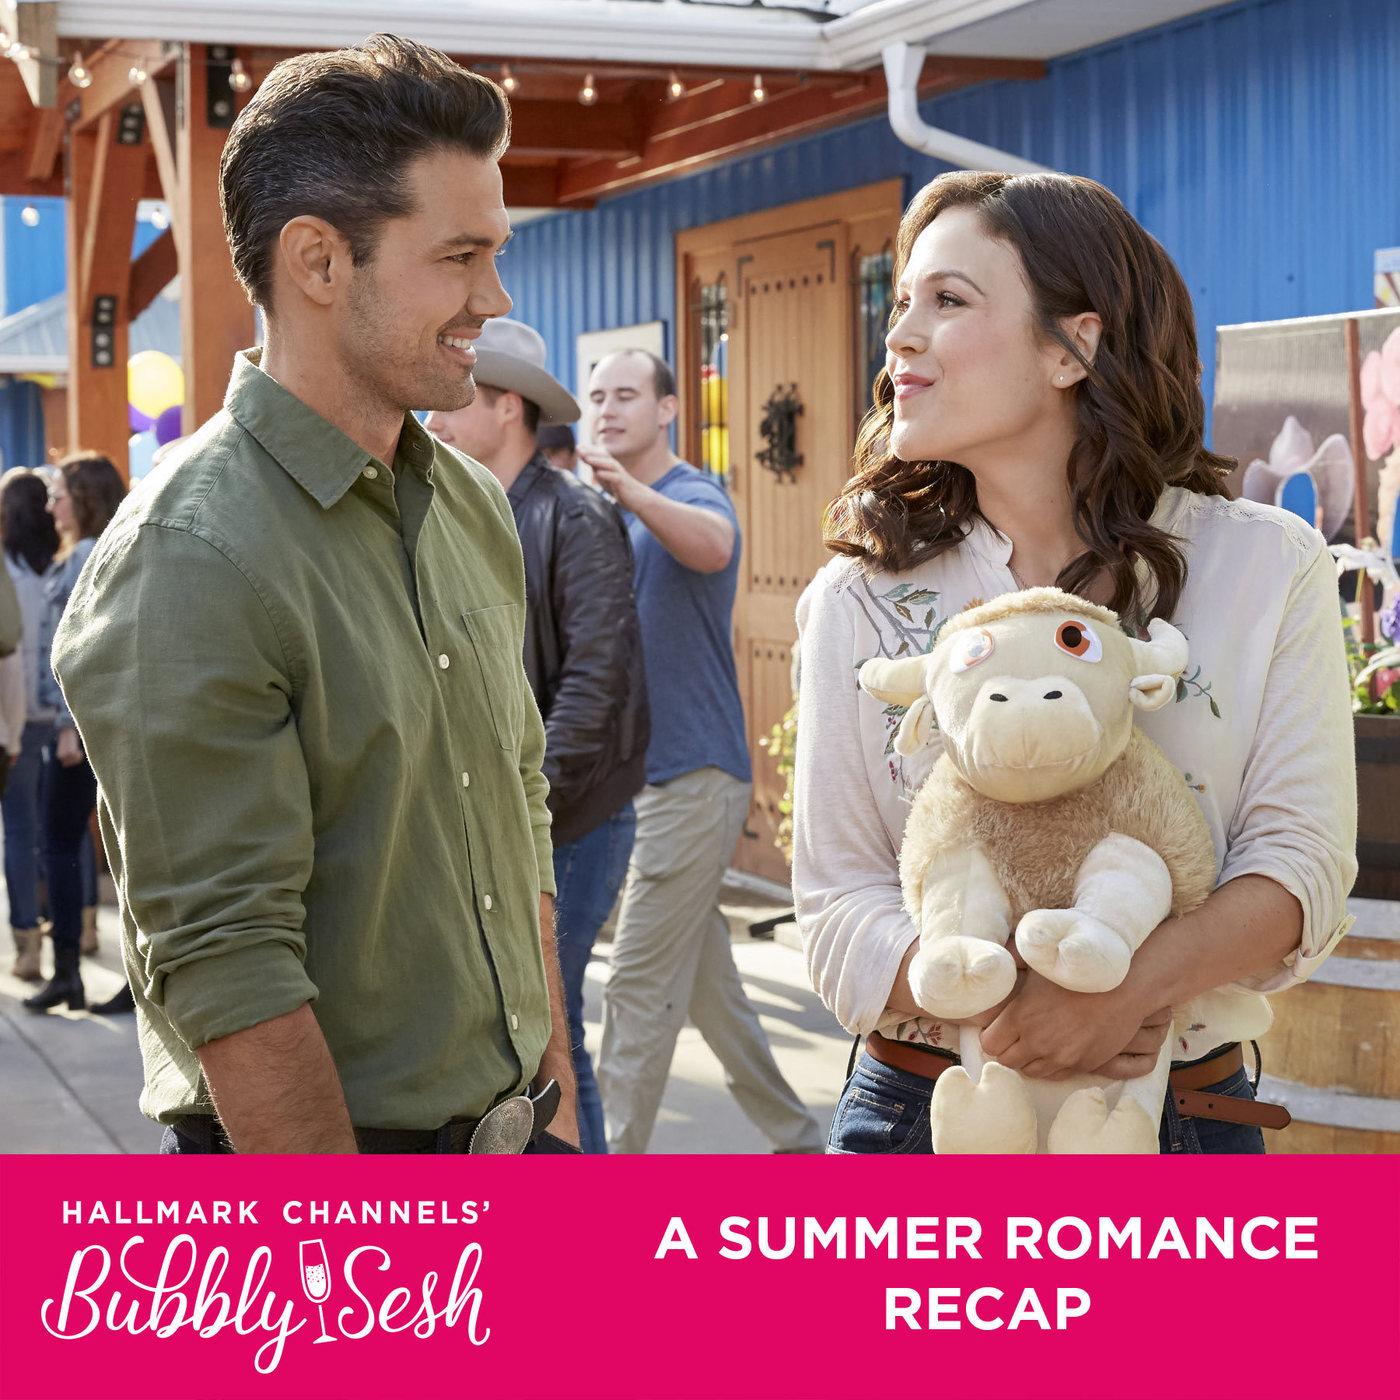 A Summer Romance Recap